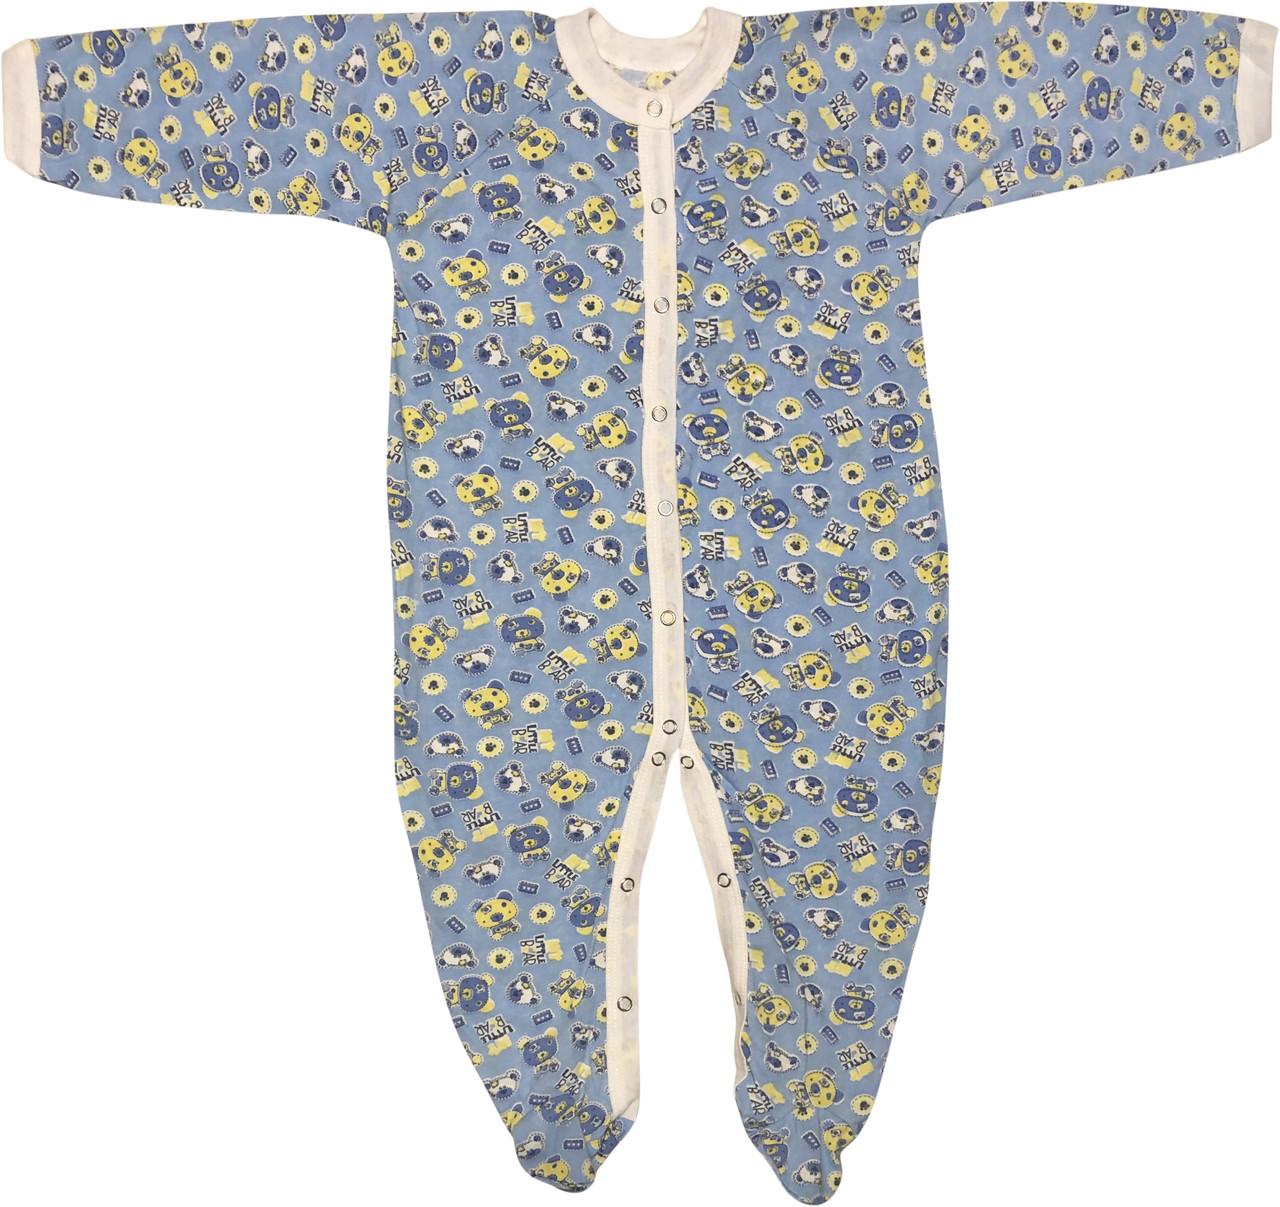 Тонкий человечек на мальчика рост 80 9-12 мес для новорожденных малышей детский слип хлопковый кулир голубой